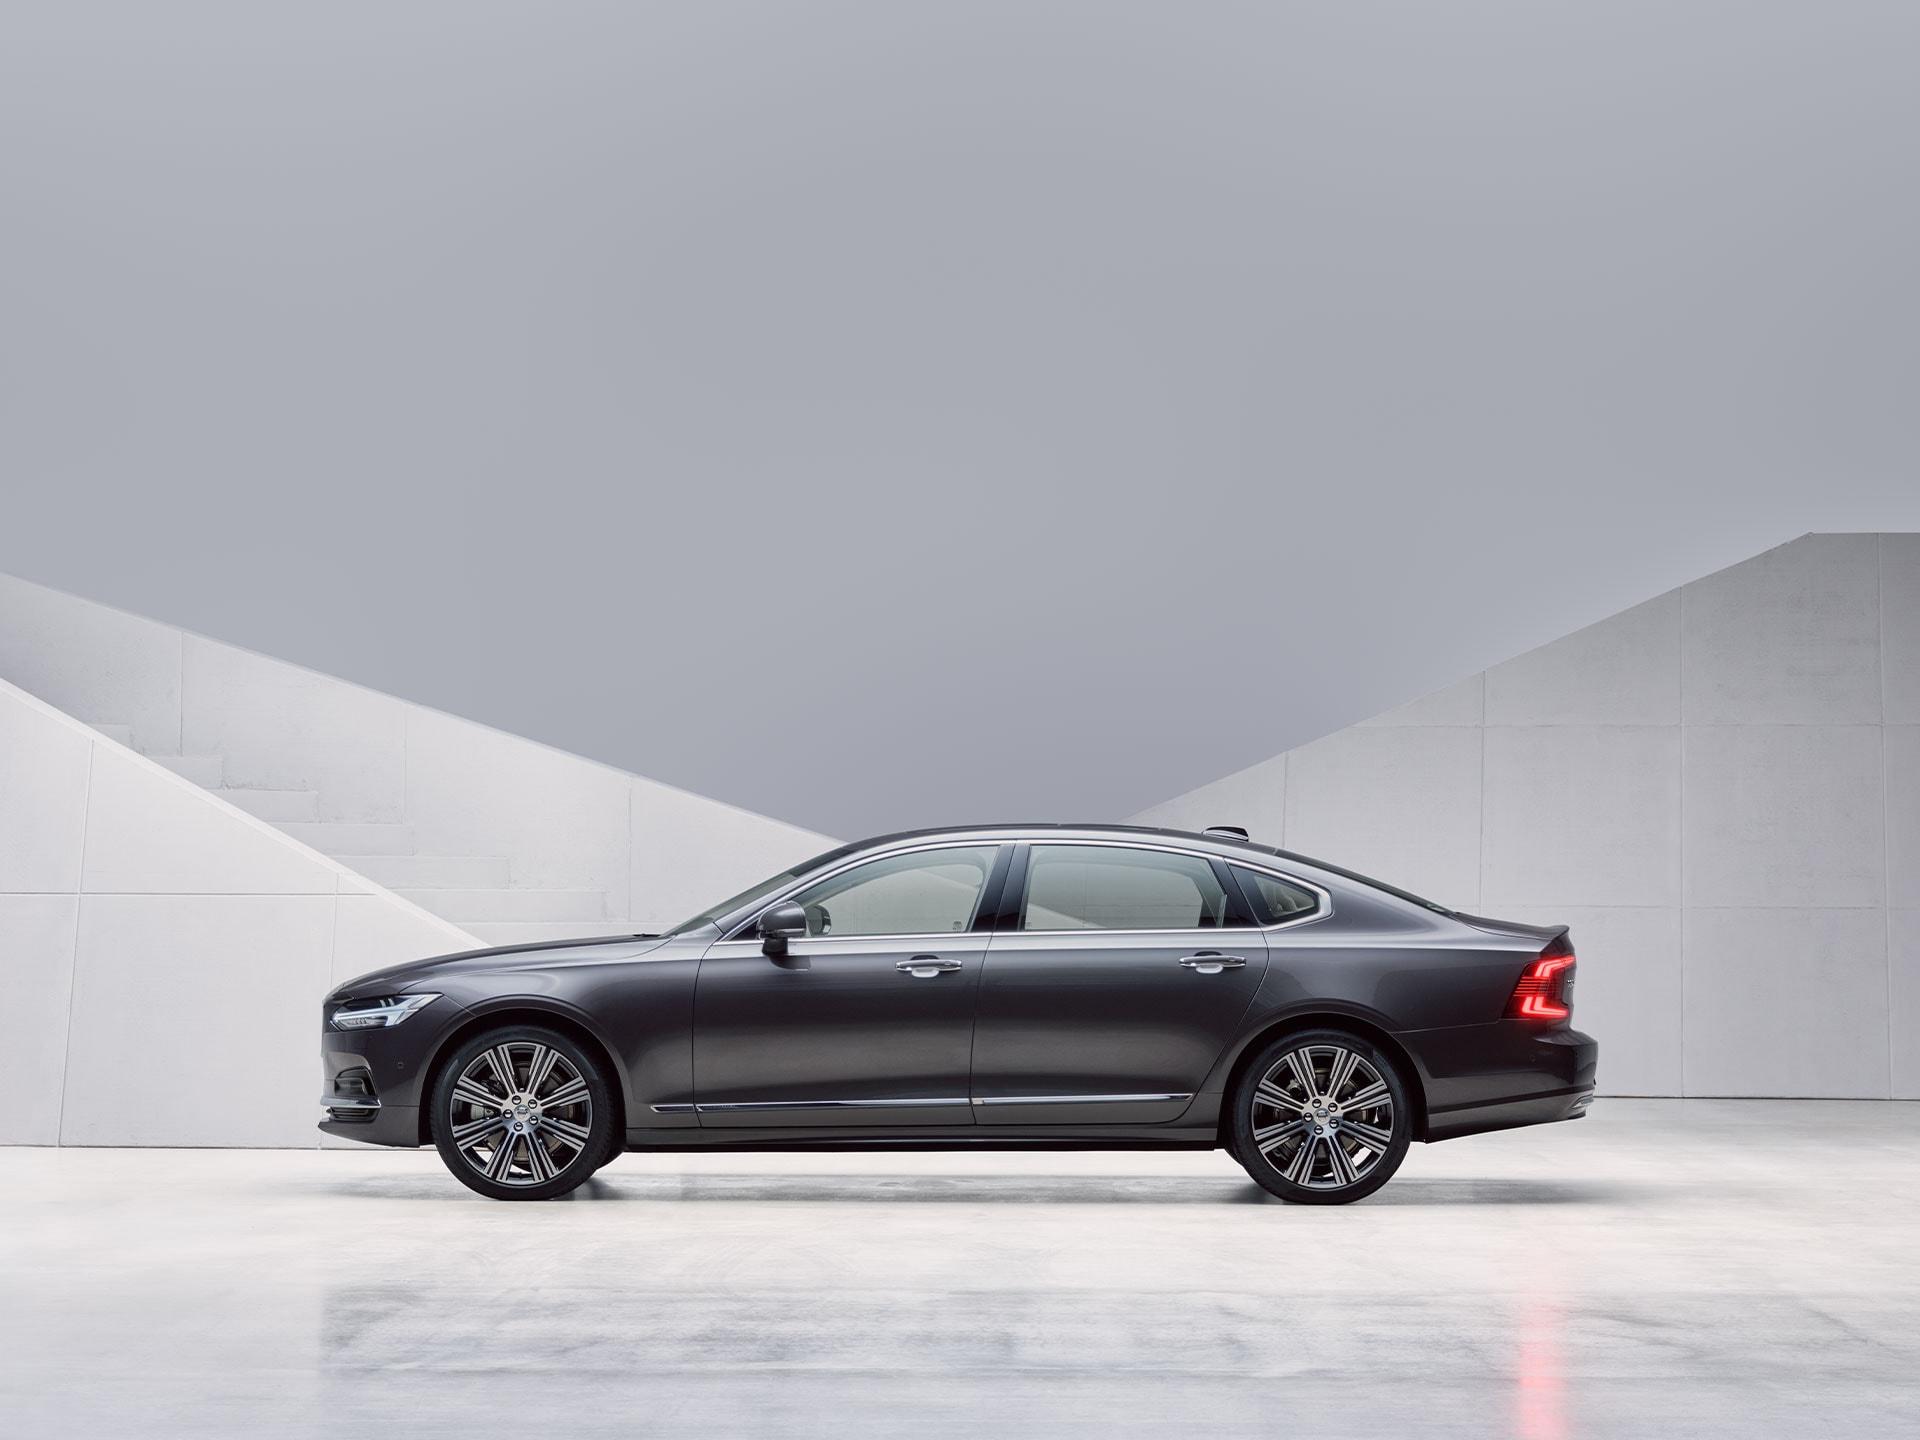 黑色沃尔沃 S90 停靠在灰色墙前。